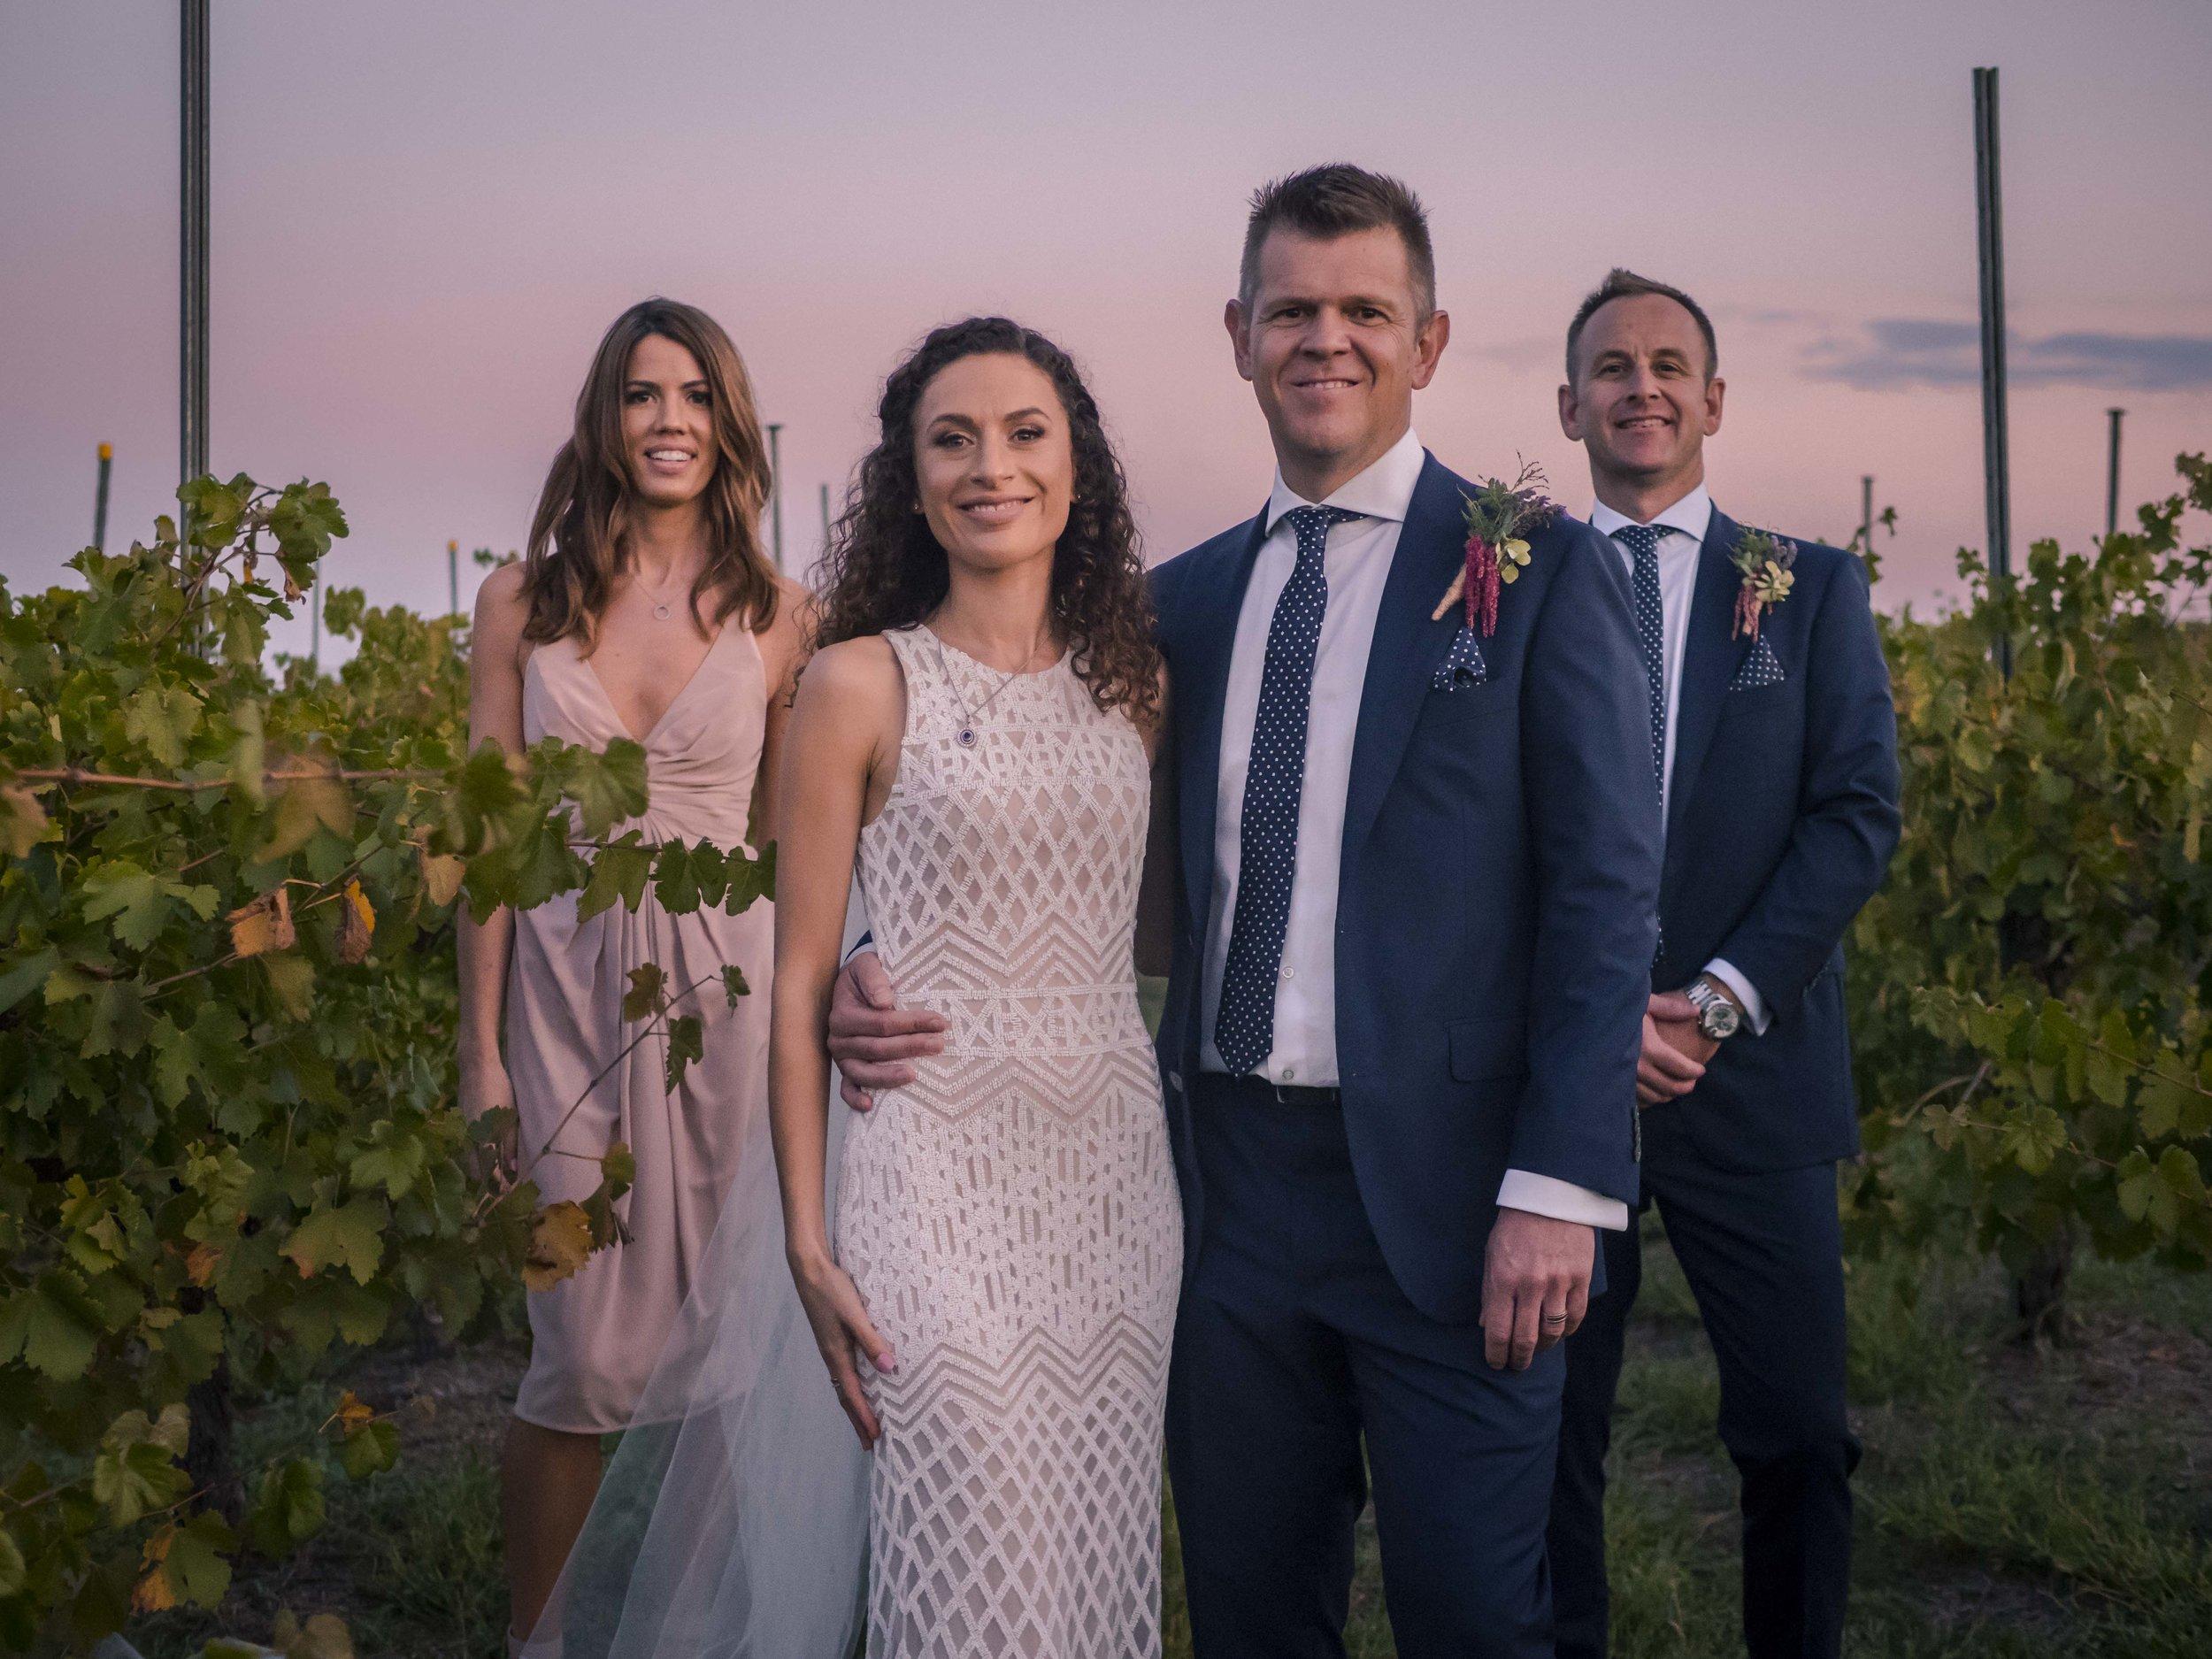 wedding716.jpg